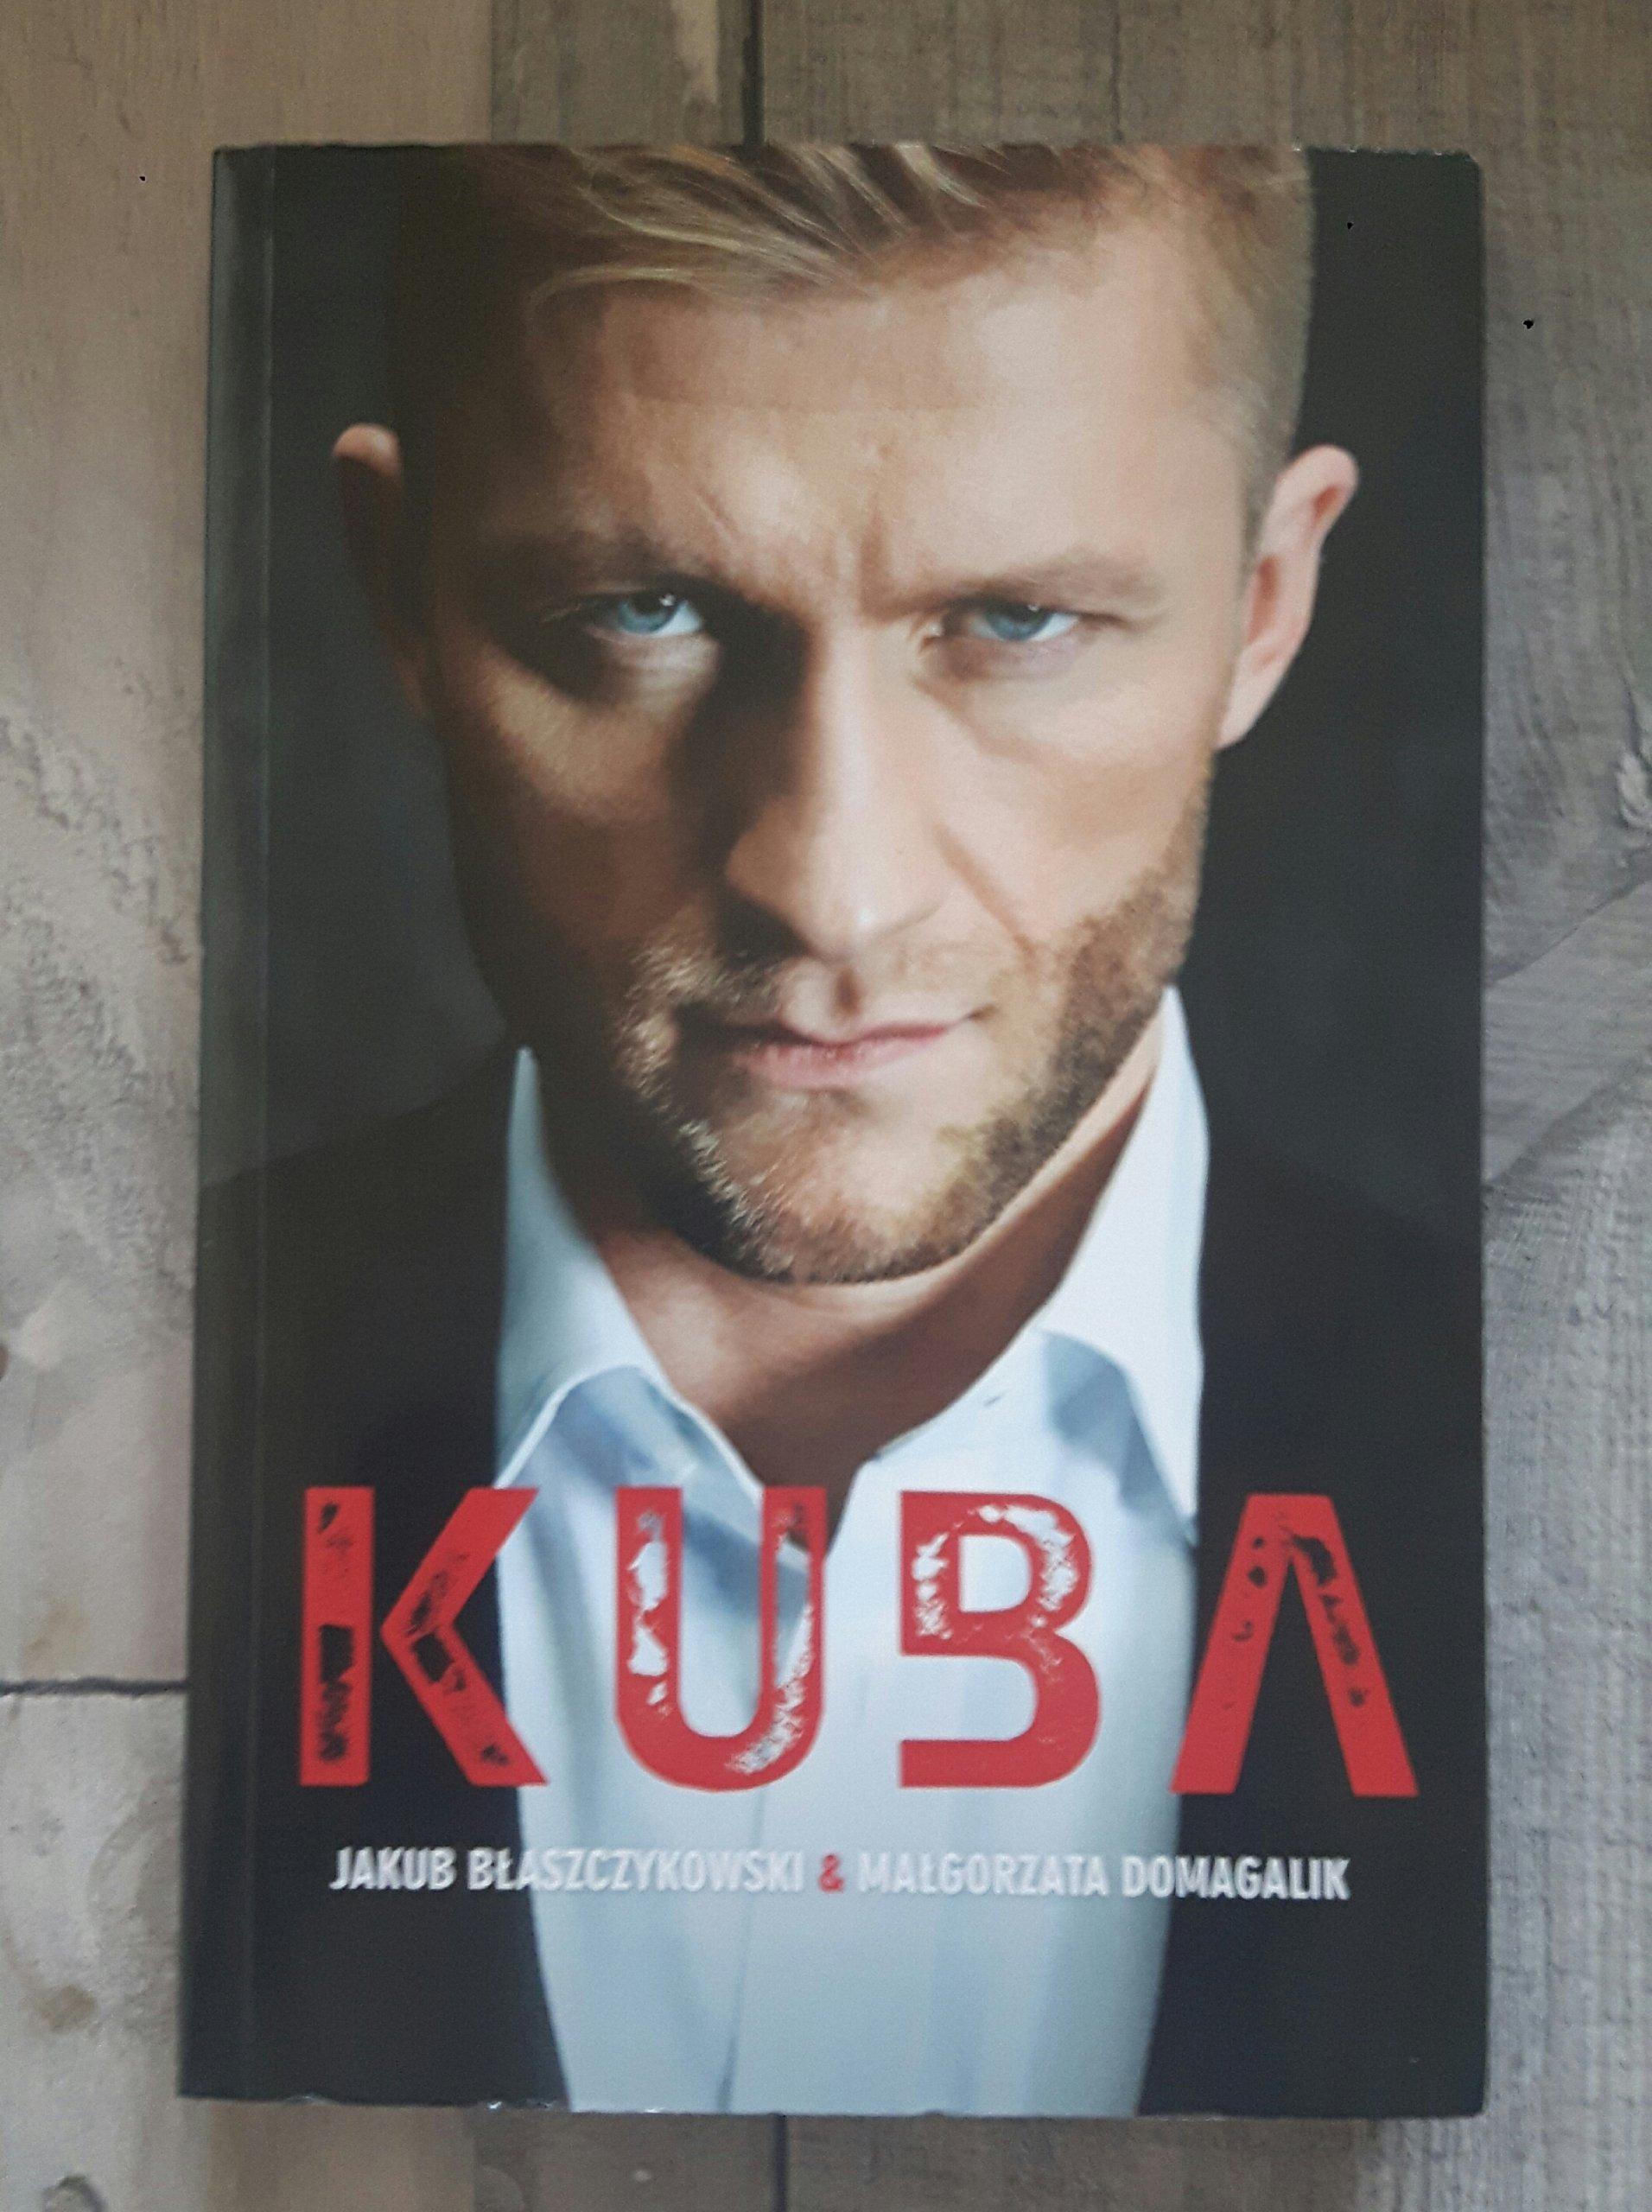 książka Jakub Błaszczykowski 'KUBA'